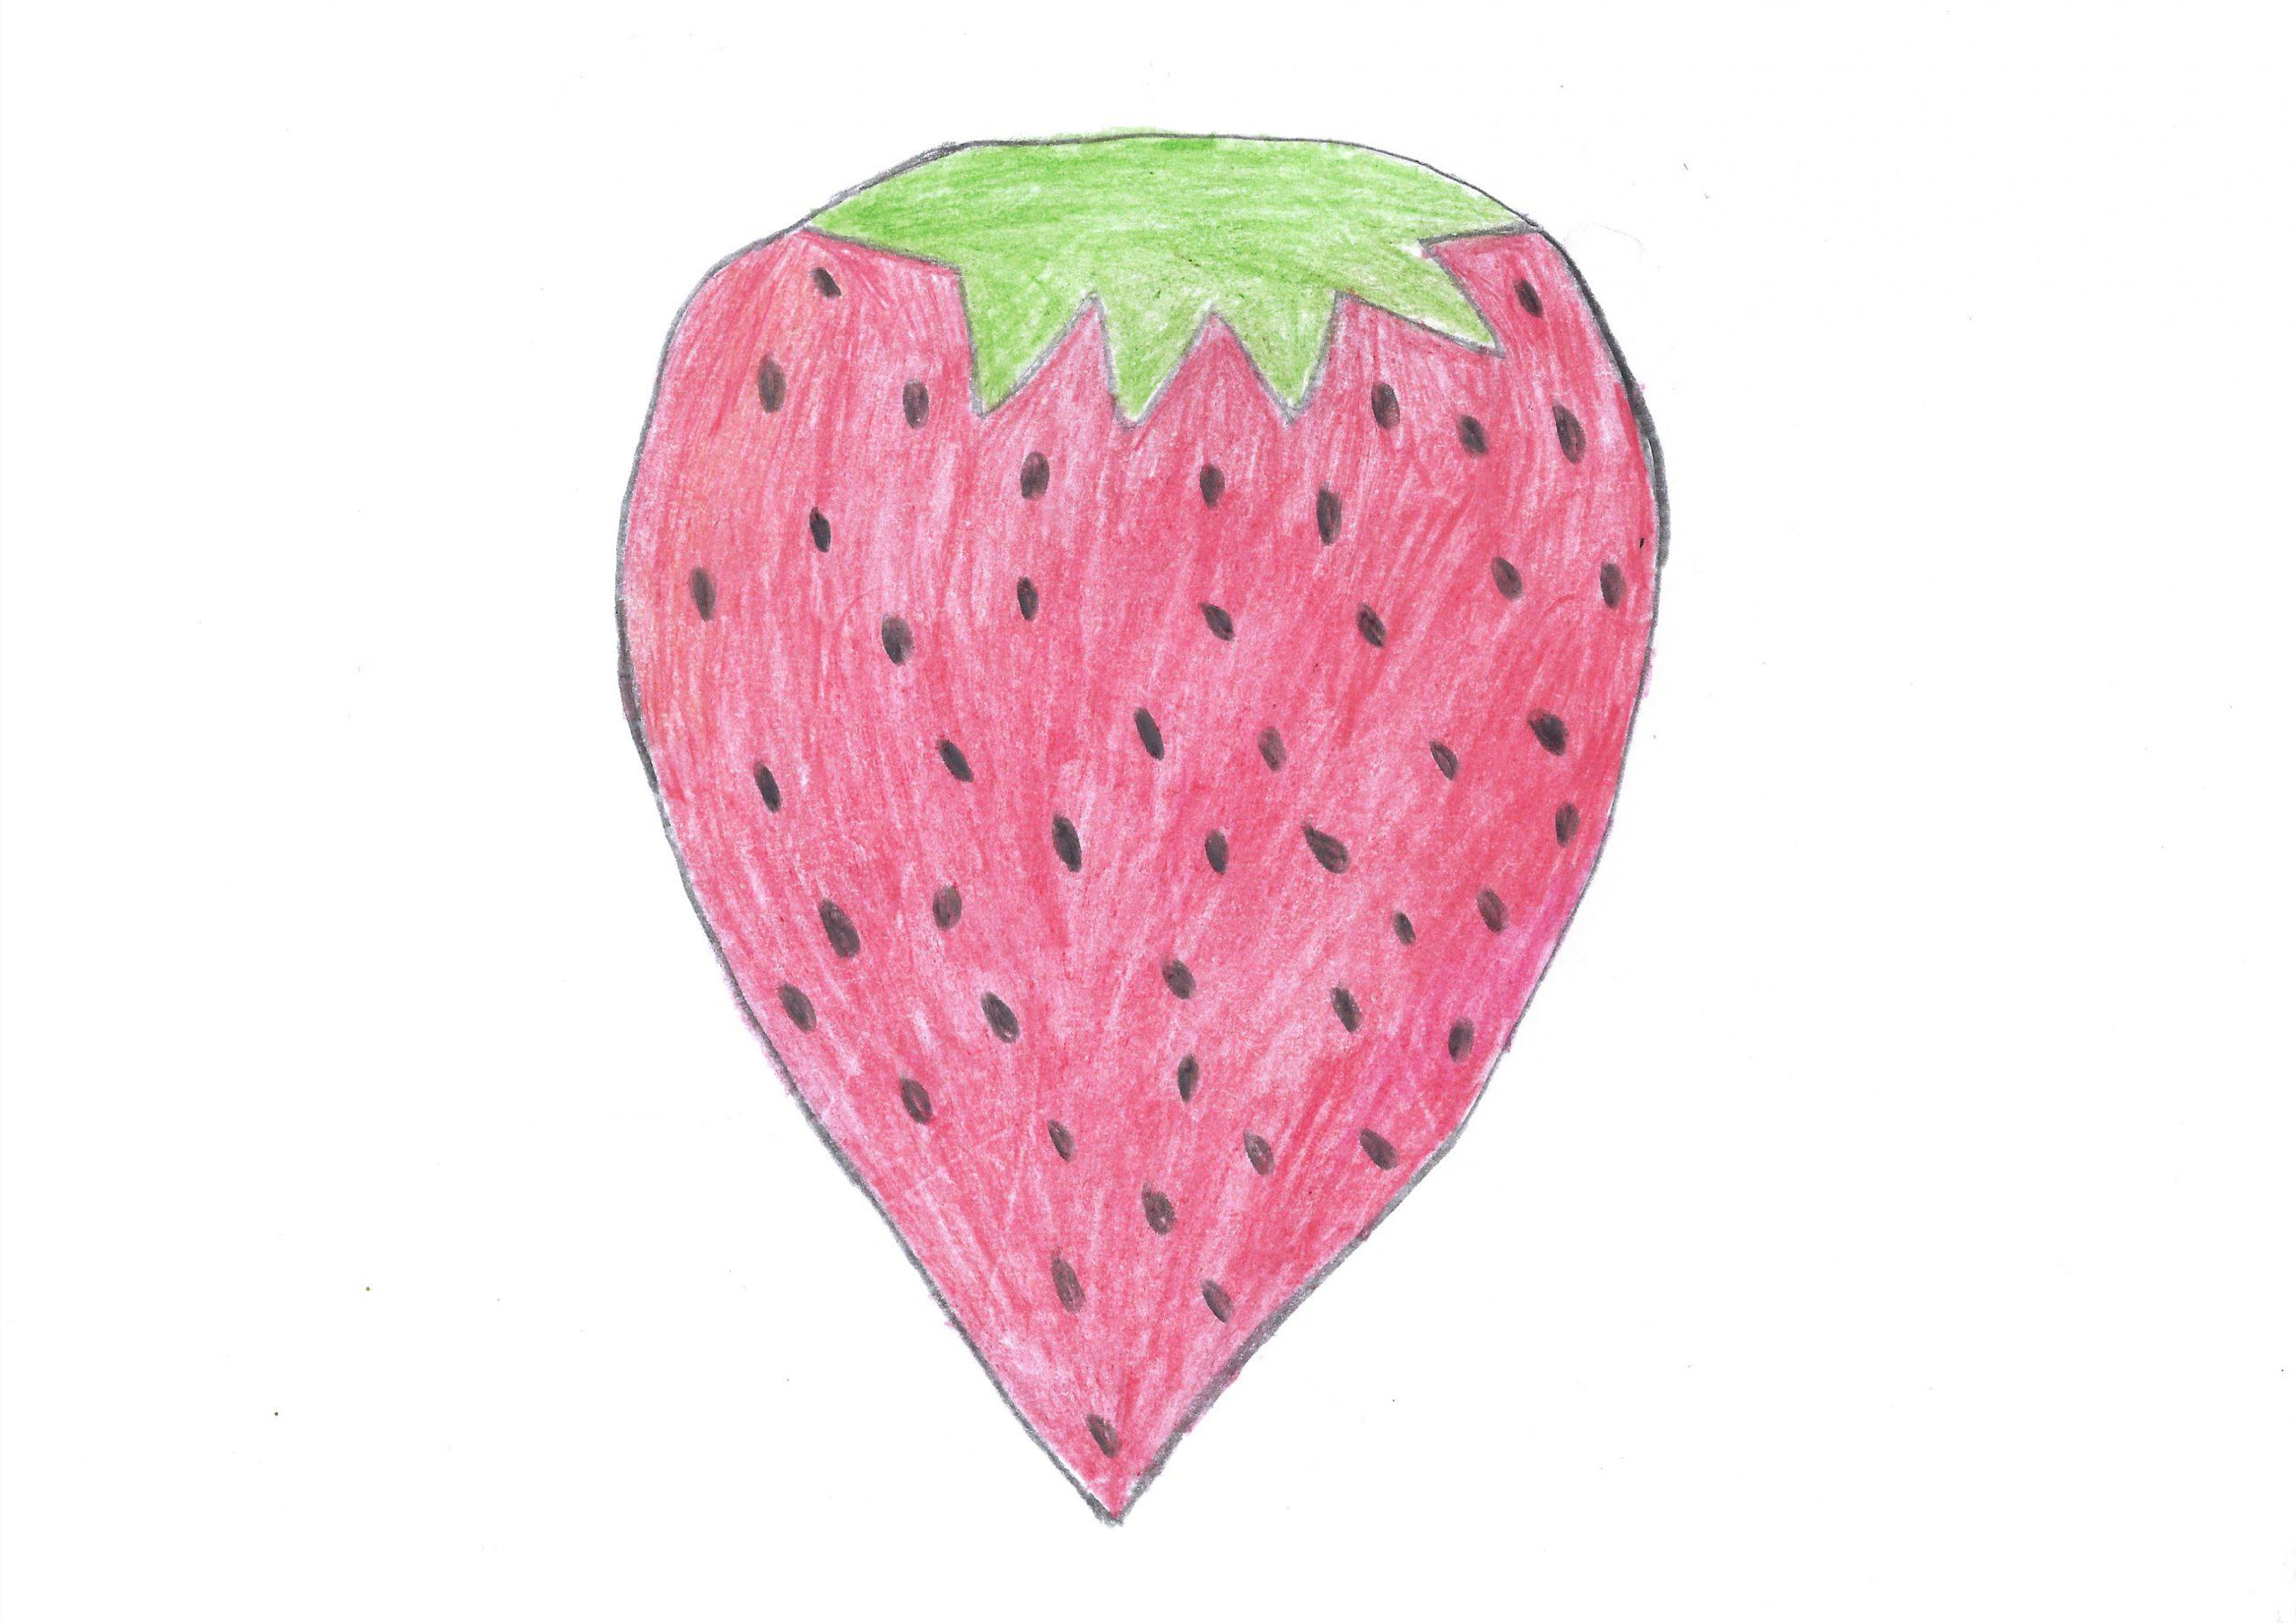 Frutilla — The Strawberry